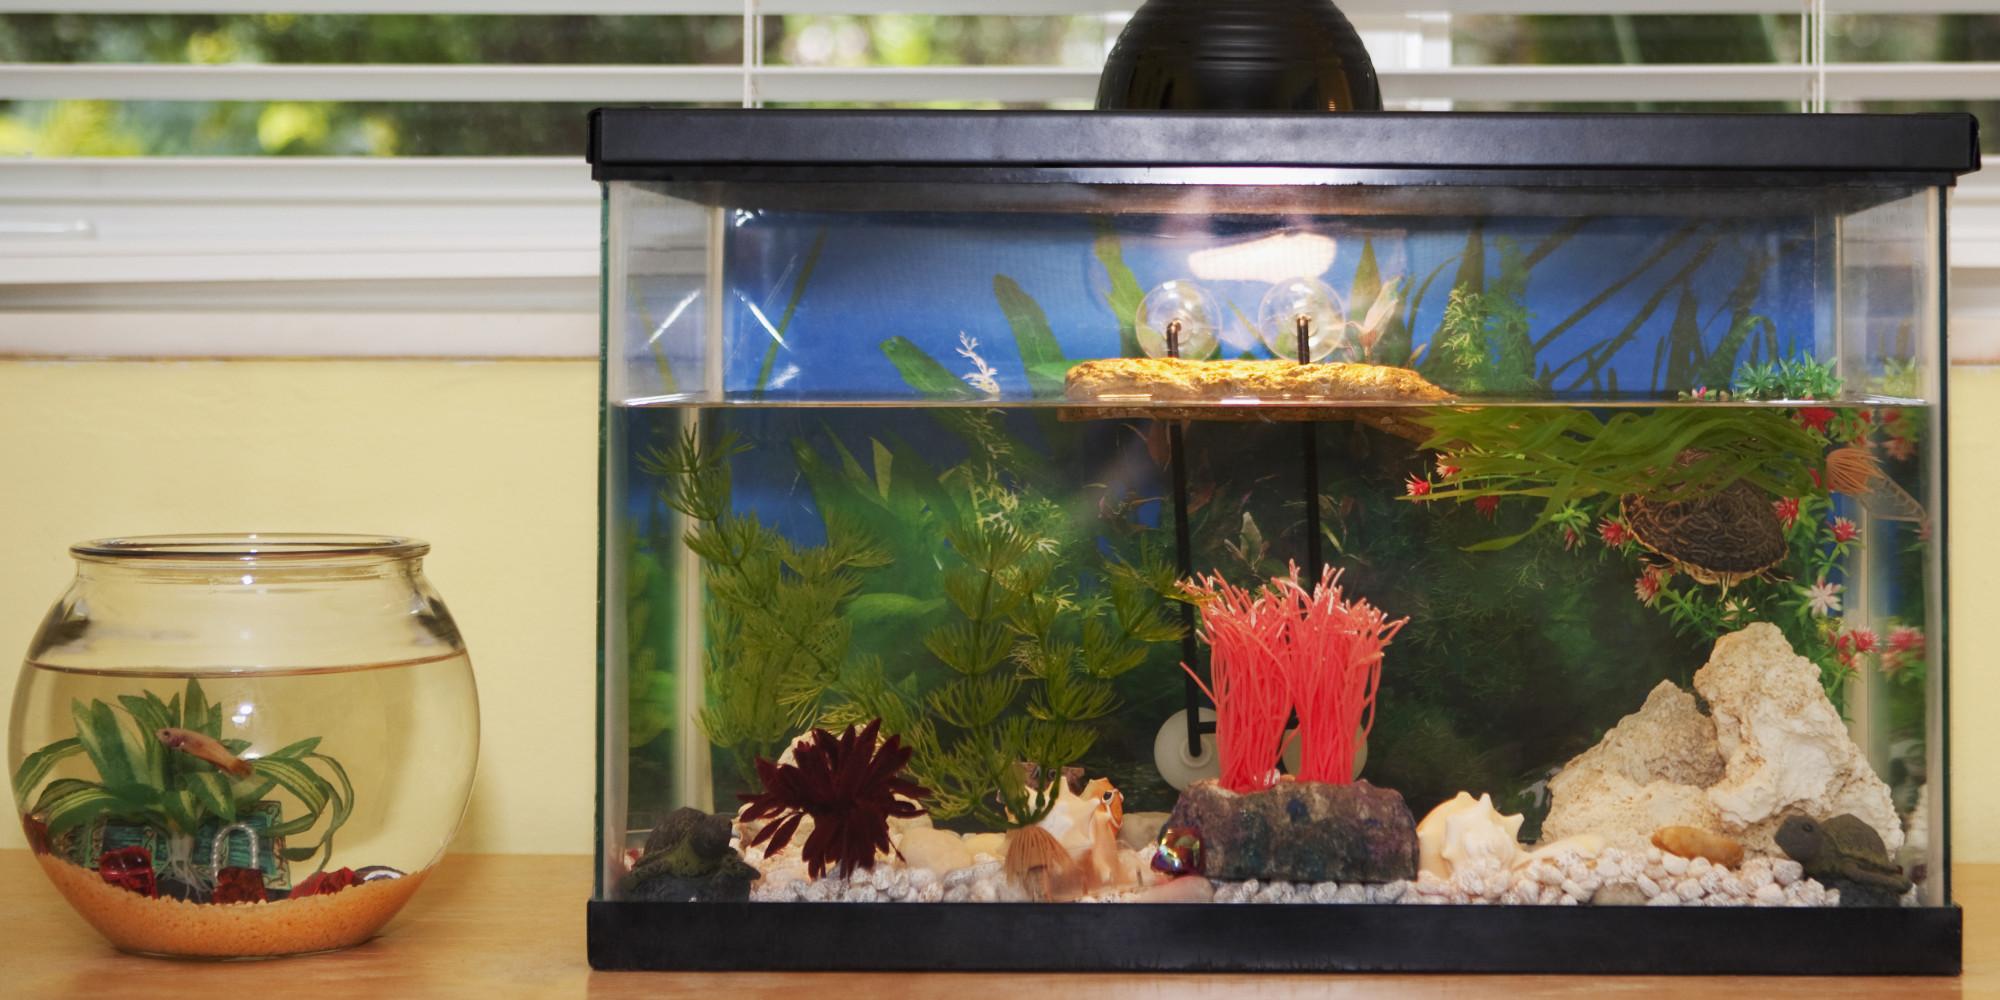 cool aquariums 10 gallon home aquariums cool home aquarium fish home ... 10 Gallon Home Aquariums